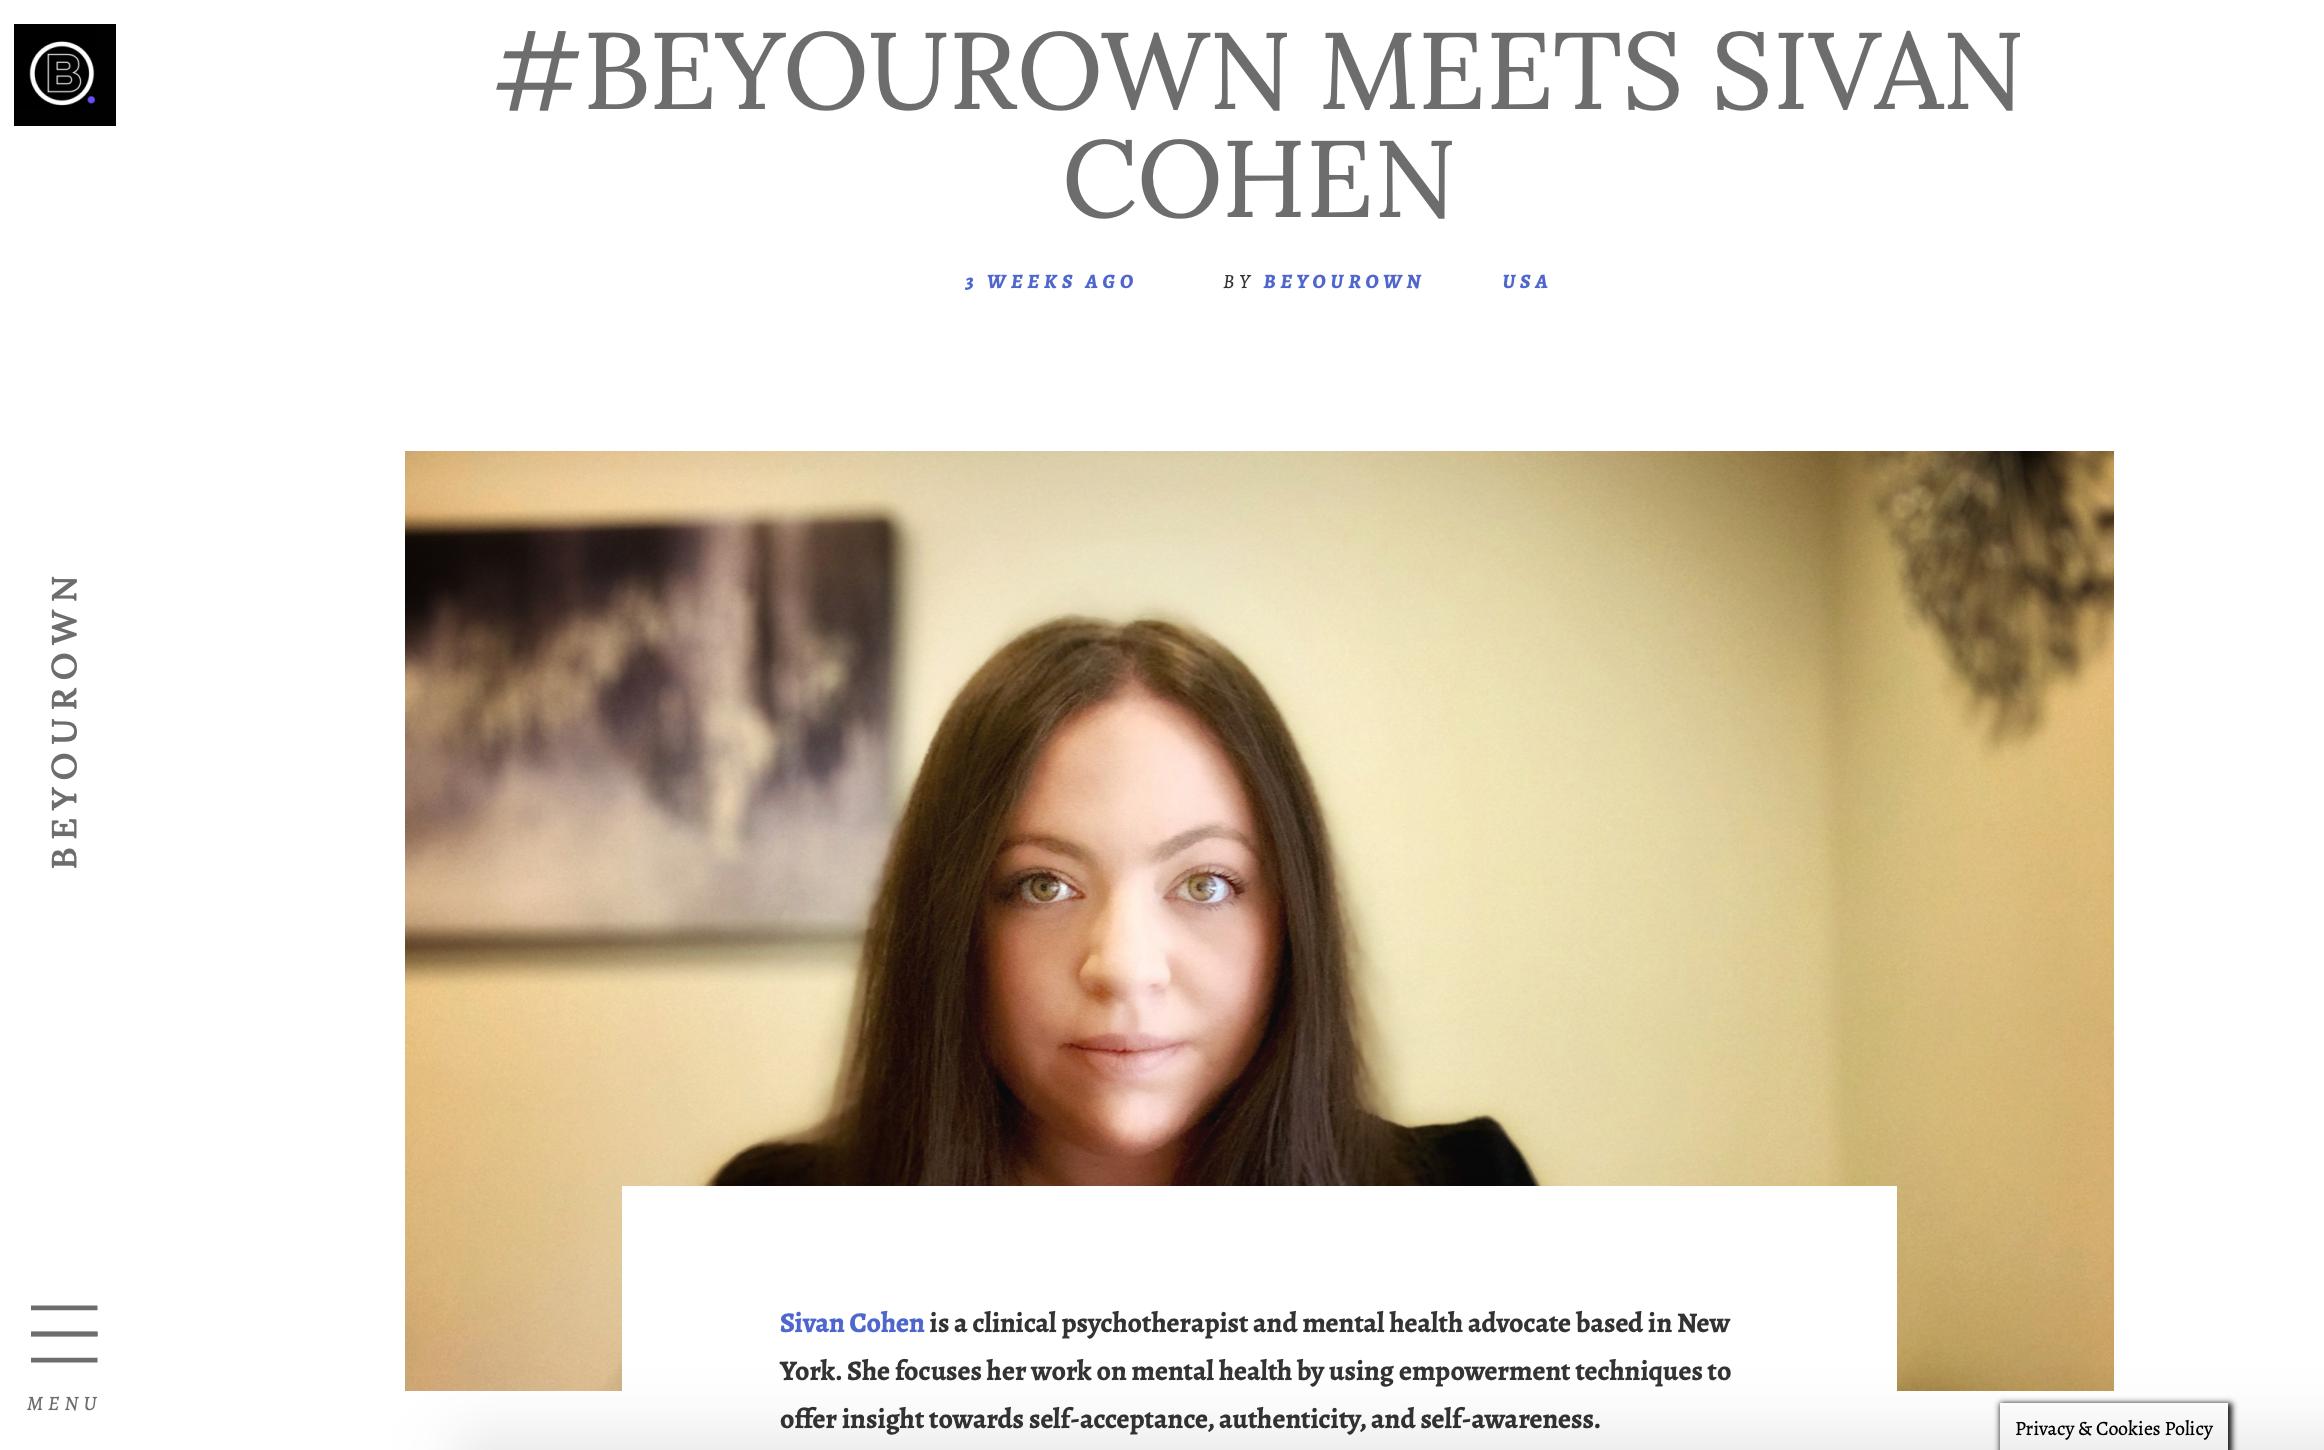 #BEYOUROWN MEETS SIVAN COHEN